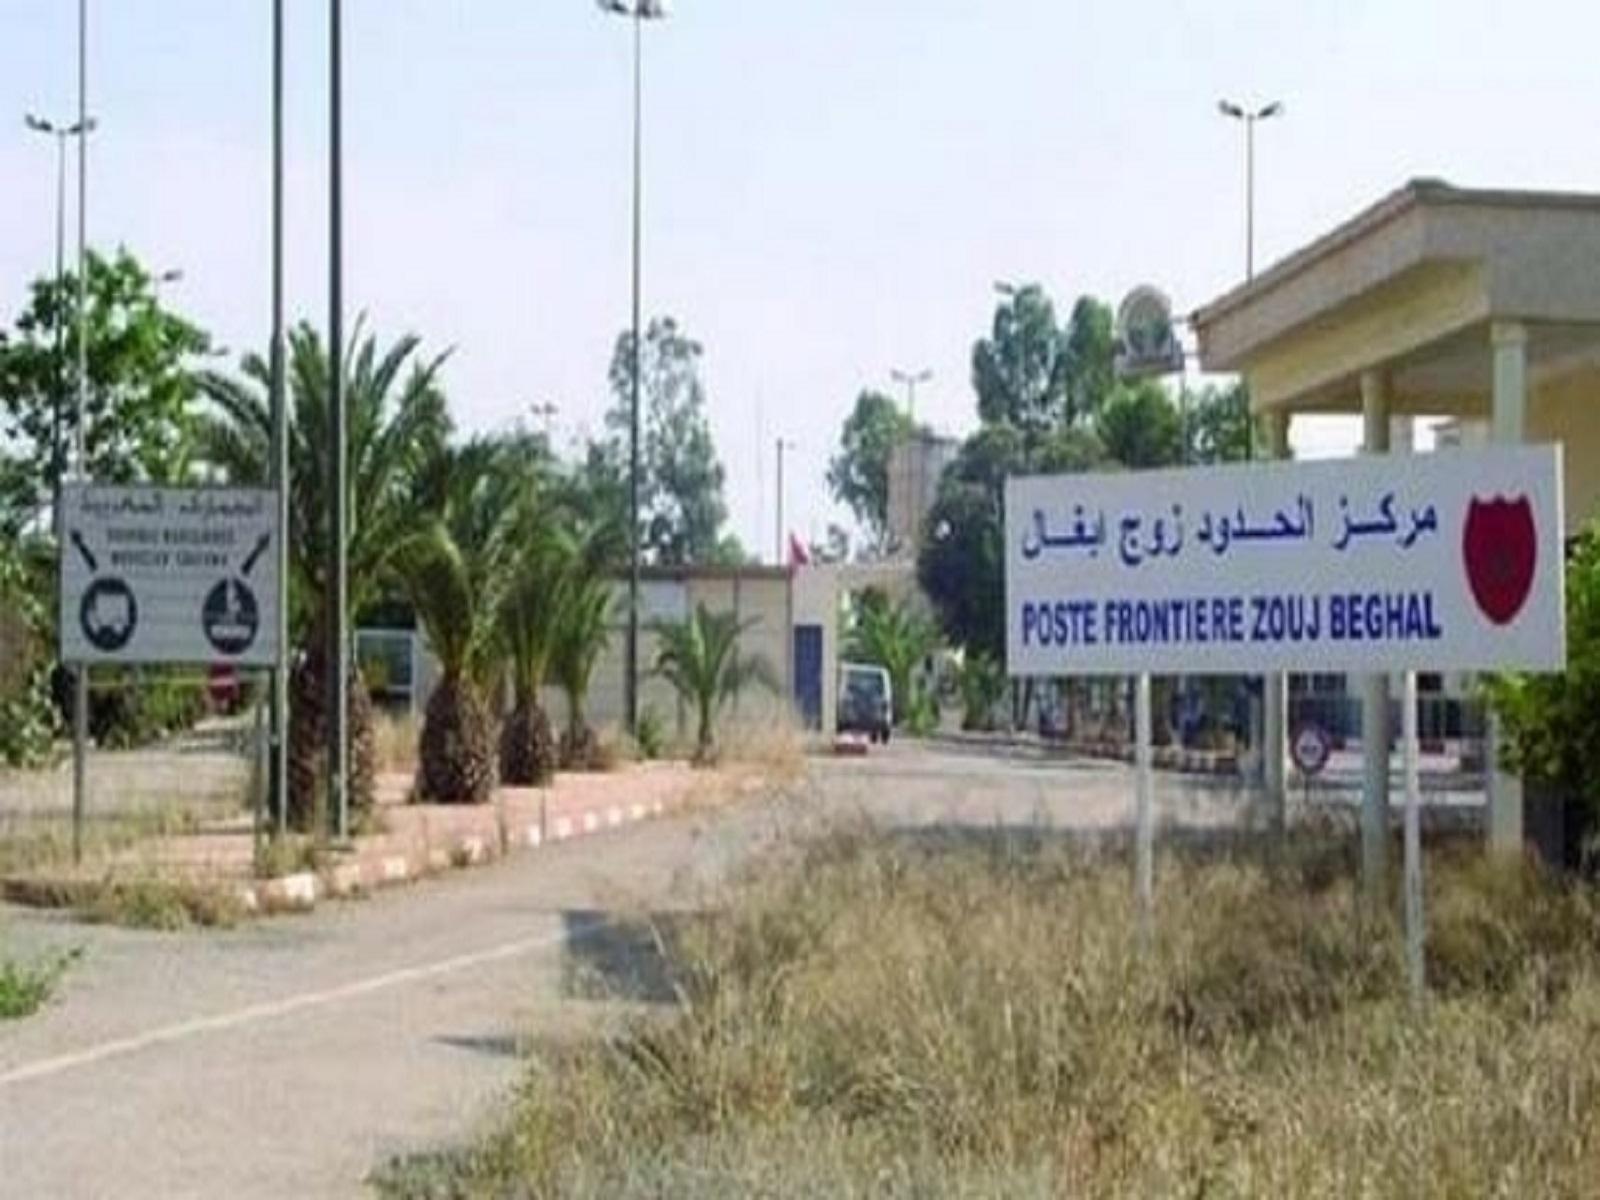 Le Maroc au centre de la campagne présidentielle algérienne